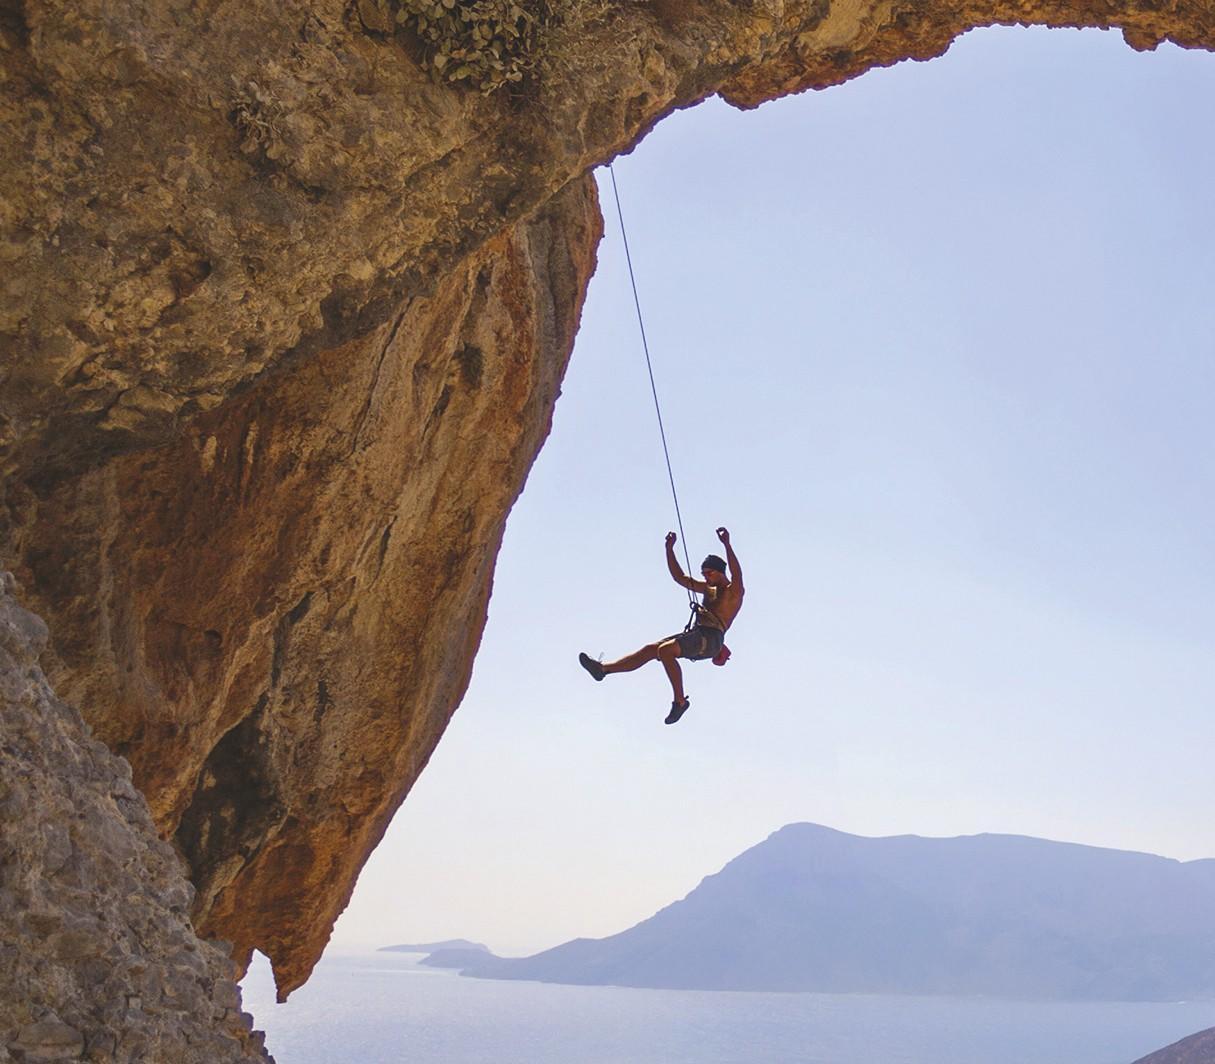 Alpiniste suspendu au bout d'une corde